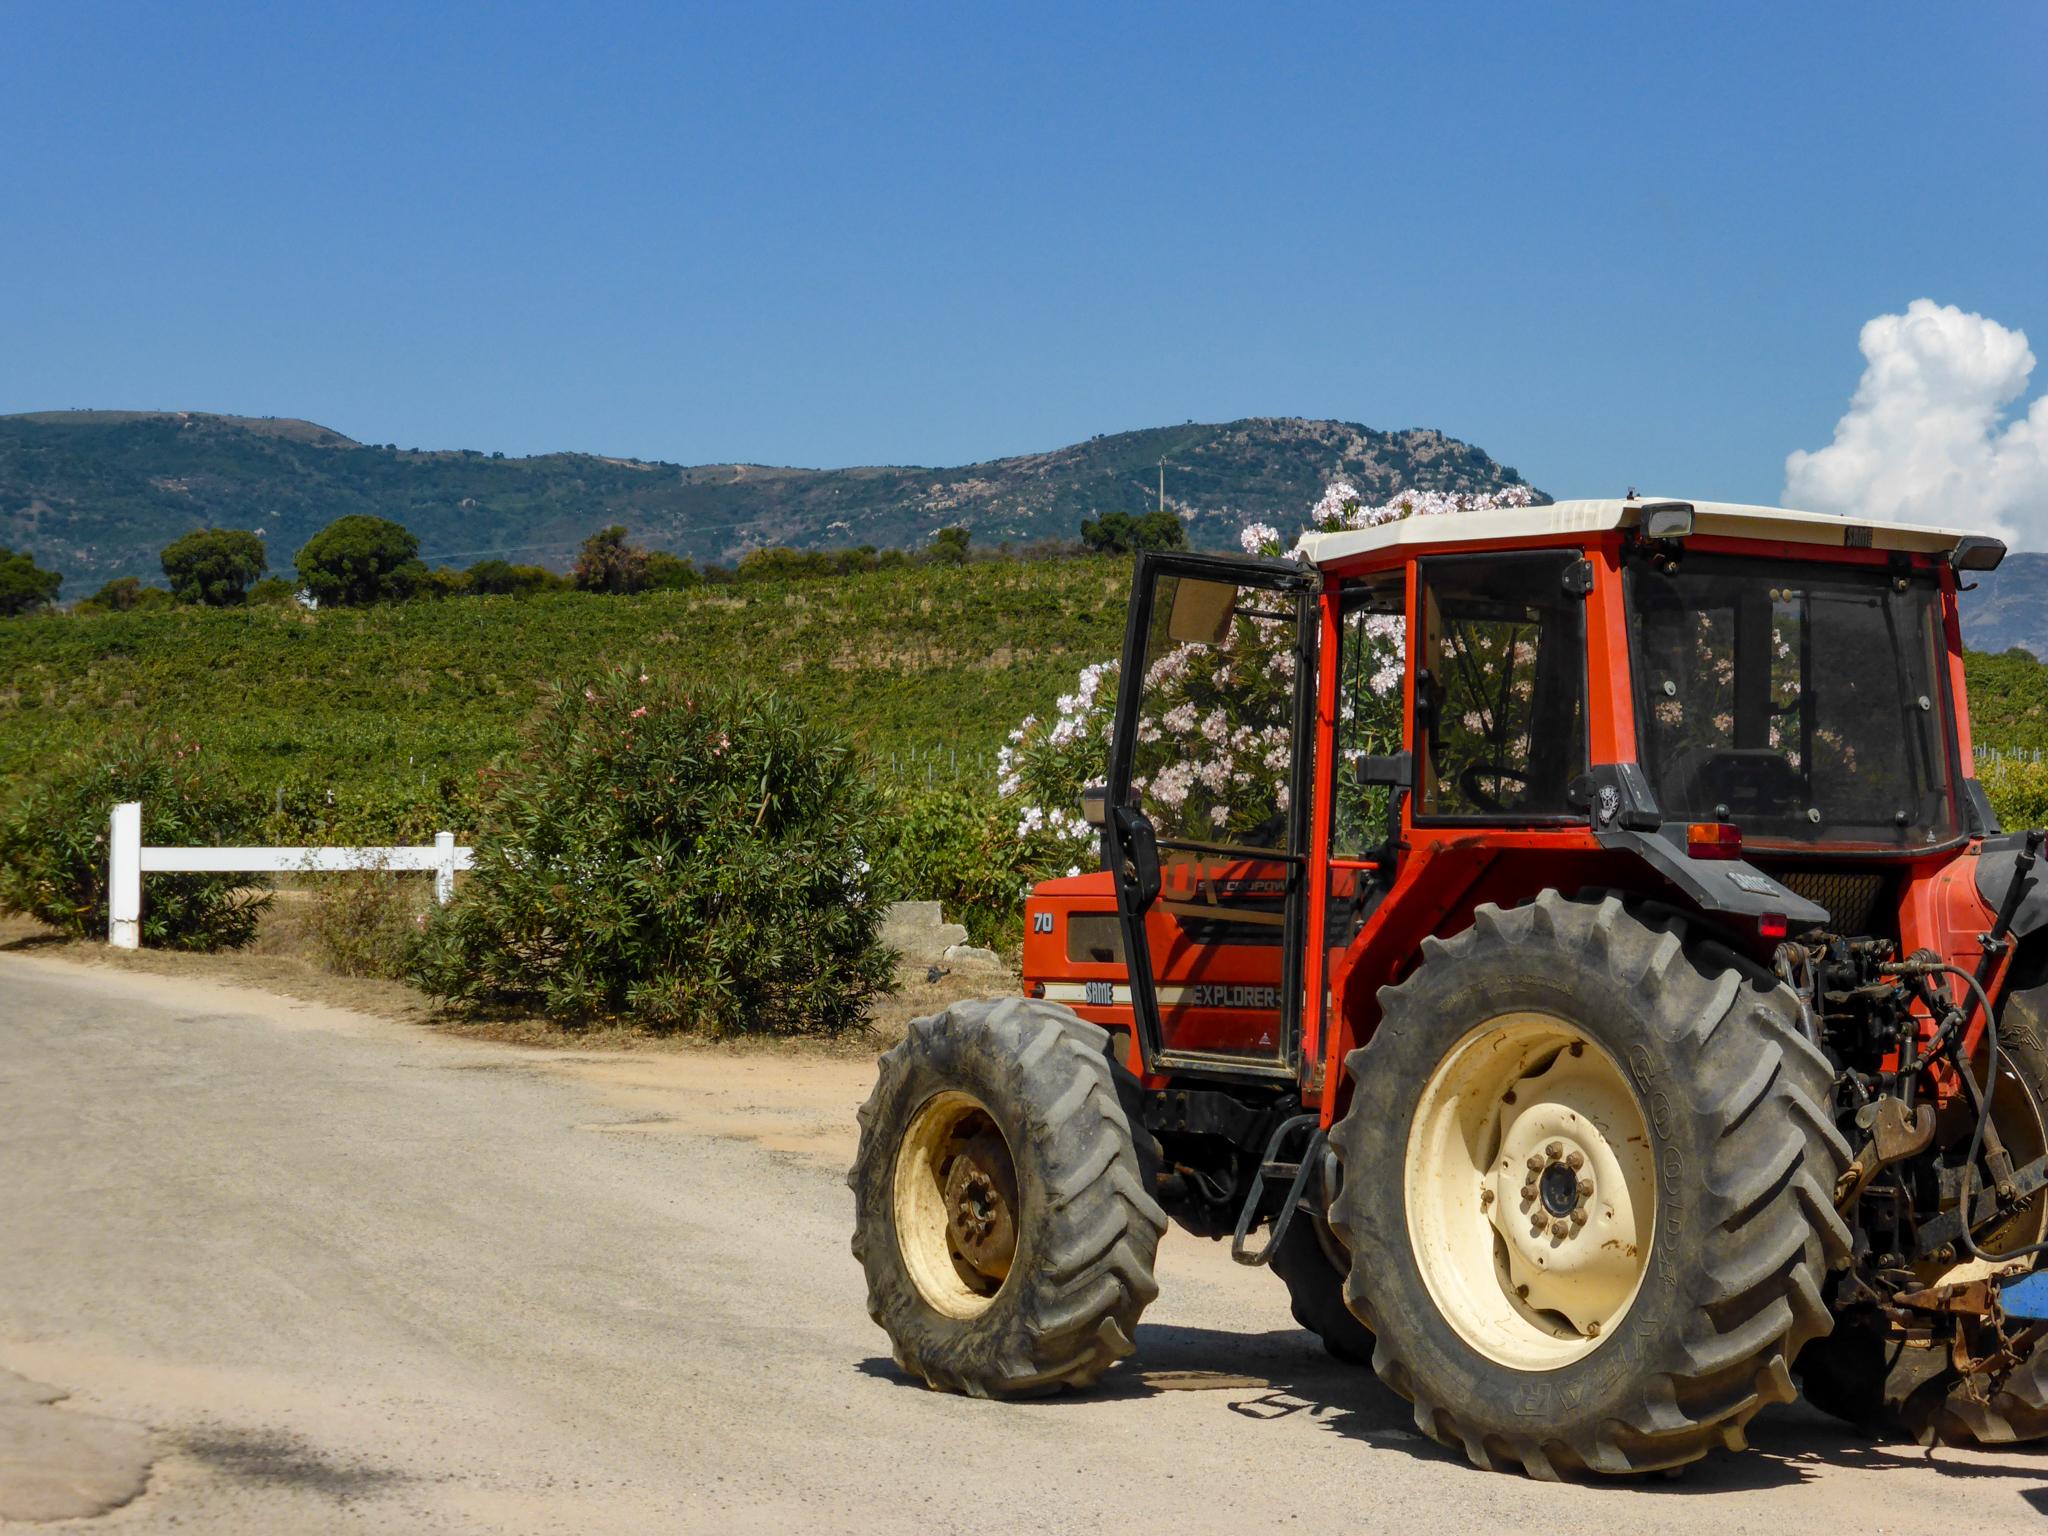 Kitschige Kalenderromantik in den Weinbergen der Peraldi Kelterei. Grundsätzlich hat uns Korsika landschaftlich sehr gut gefallen. Da lässt es sich aushalten. Wir würden womöglich Korsika als Urlaubsziel ins Auge fassen, wenn... ja wenn nicht ewig das Schiff locken würde.